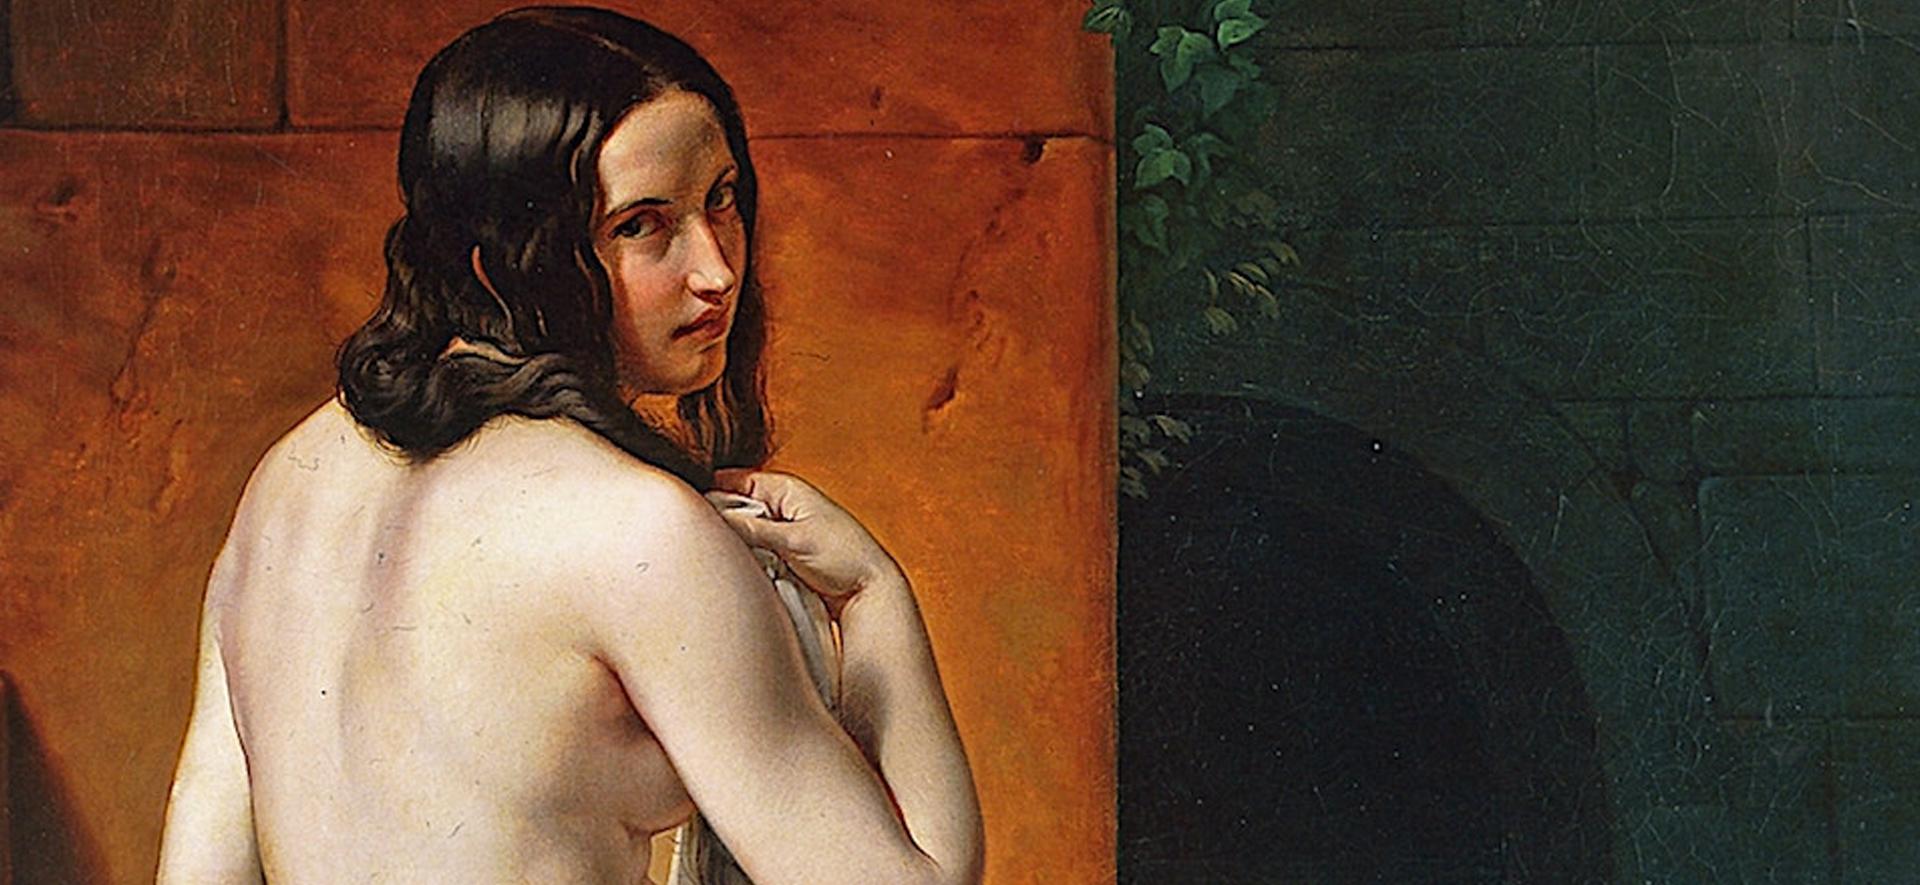 Lo svelamento della nudità tra scandalo, parola e morte / 3 – L'articolo su Pangea